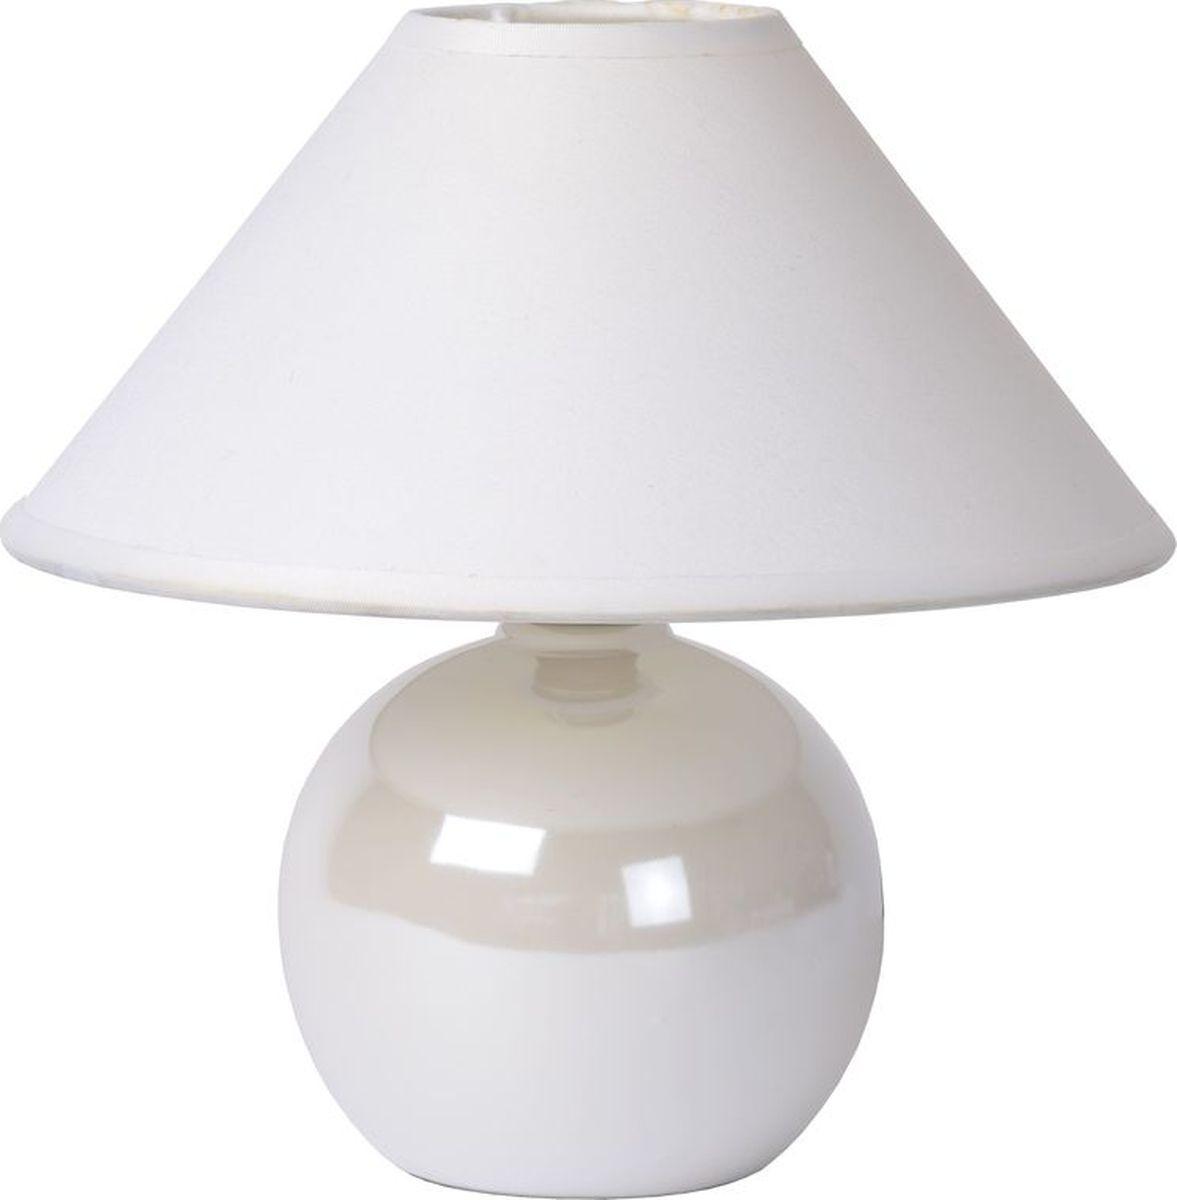 Лампа настольная Lucide Faro, цвет: белый, E14, 40 Вт. 14553/81/3114553/81/31